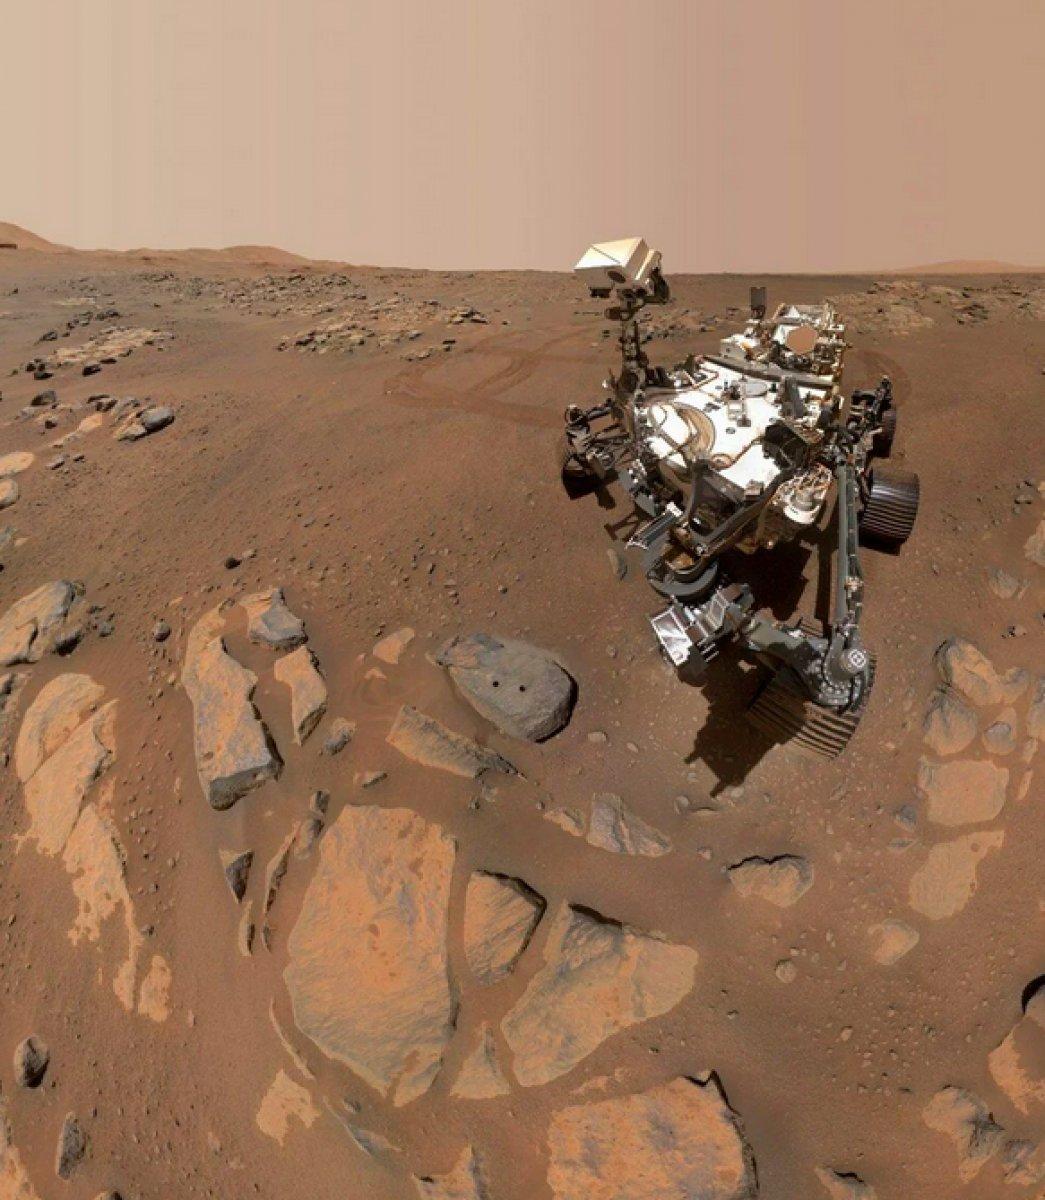 Mars ta uzaylı yaşamına dair kanıt bulundu #6